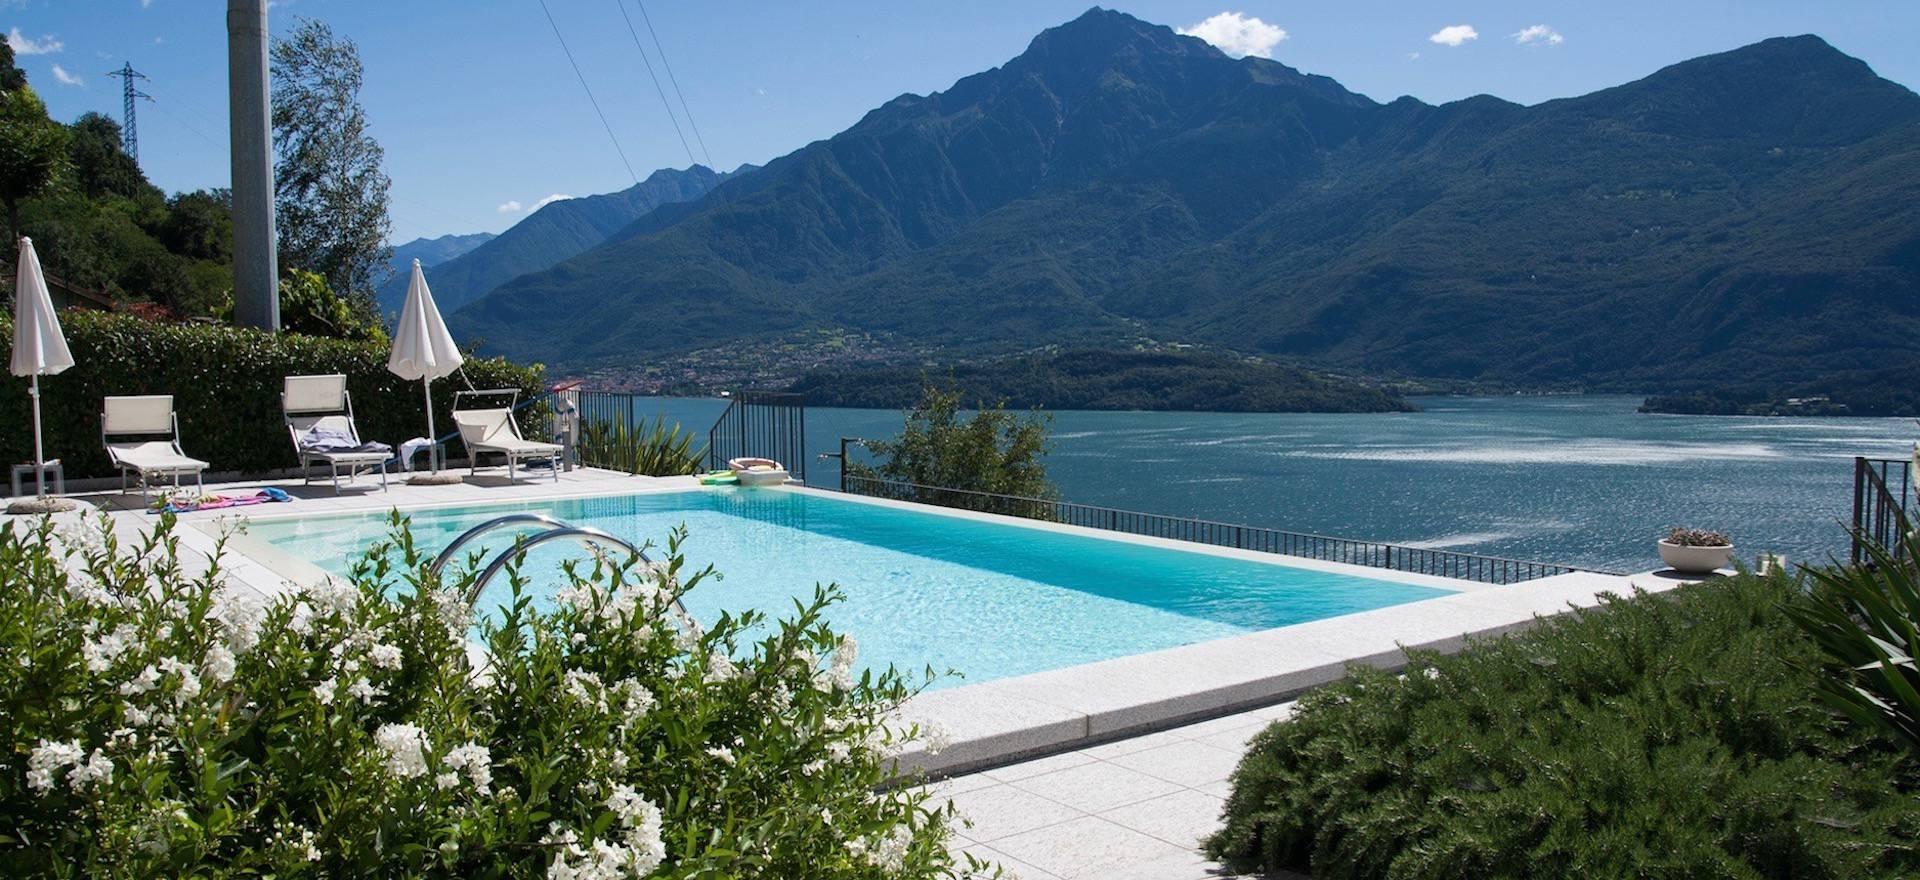 Agriturismo Comomeer en Gardameer Kleine residence bij Comomeer met zwembad en uitzicht